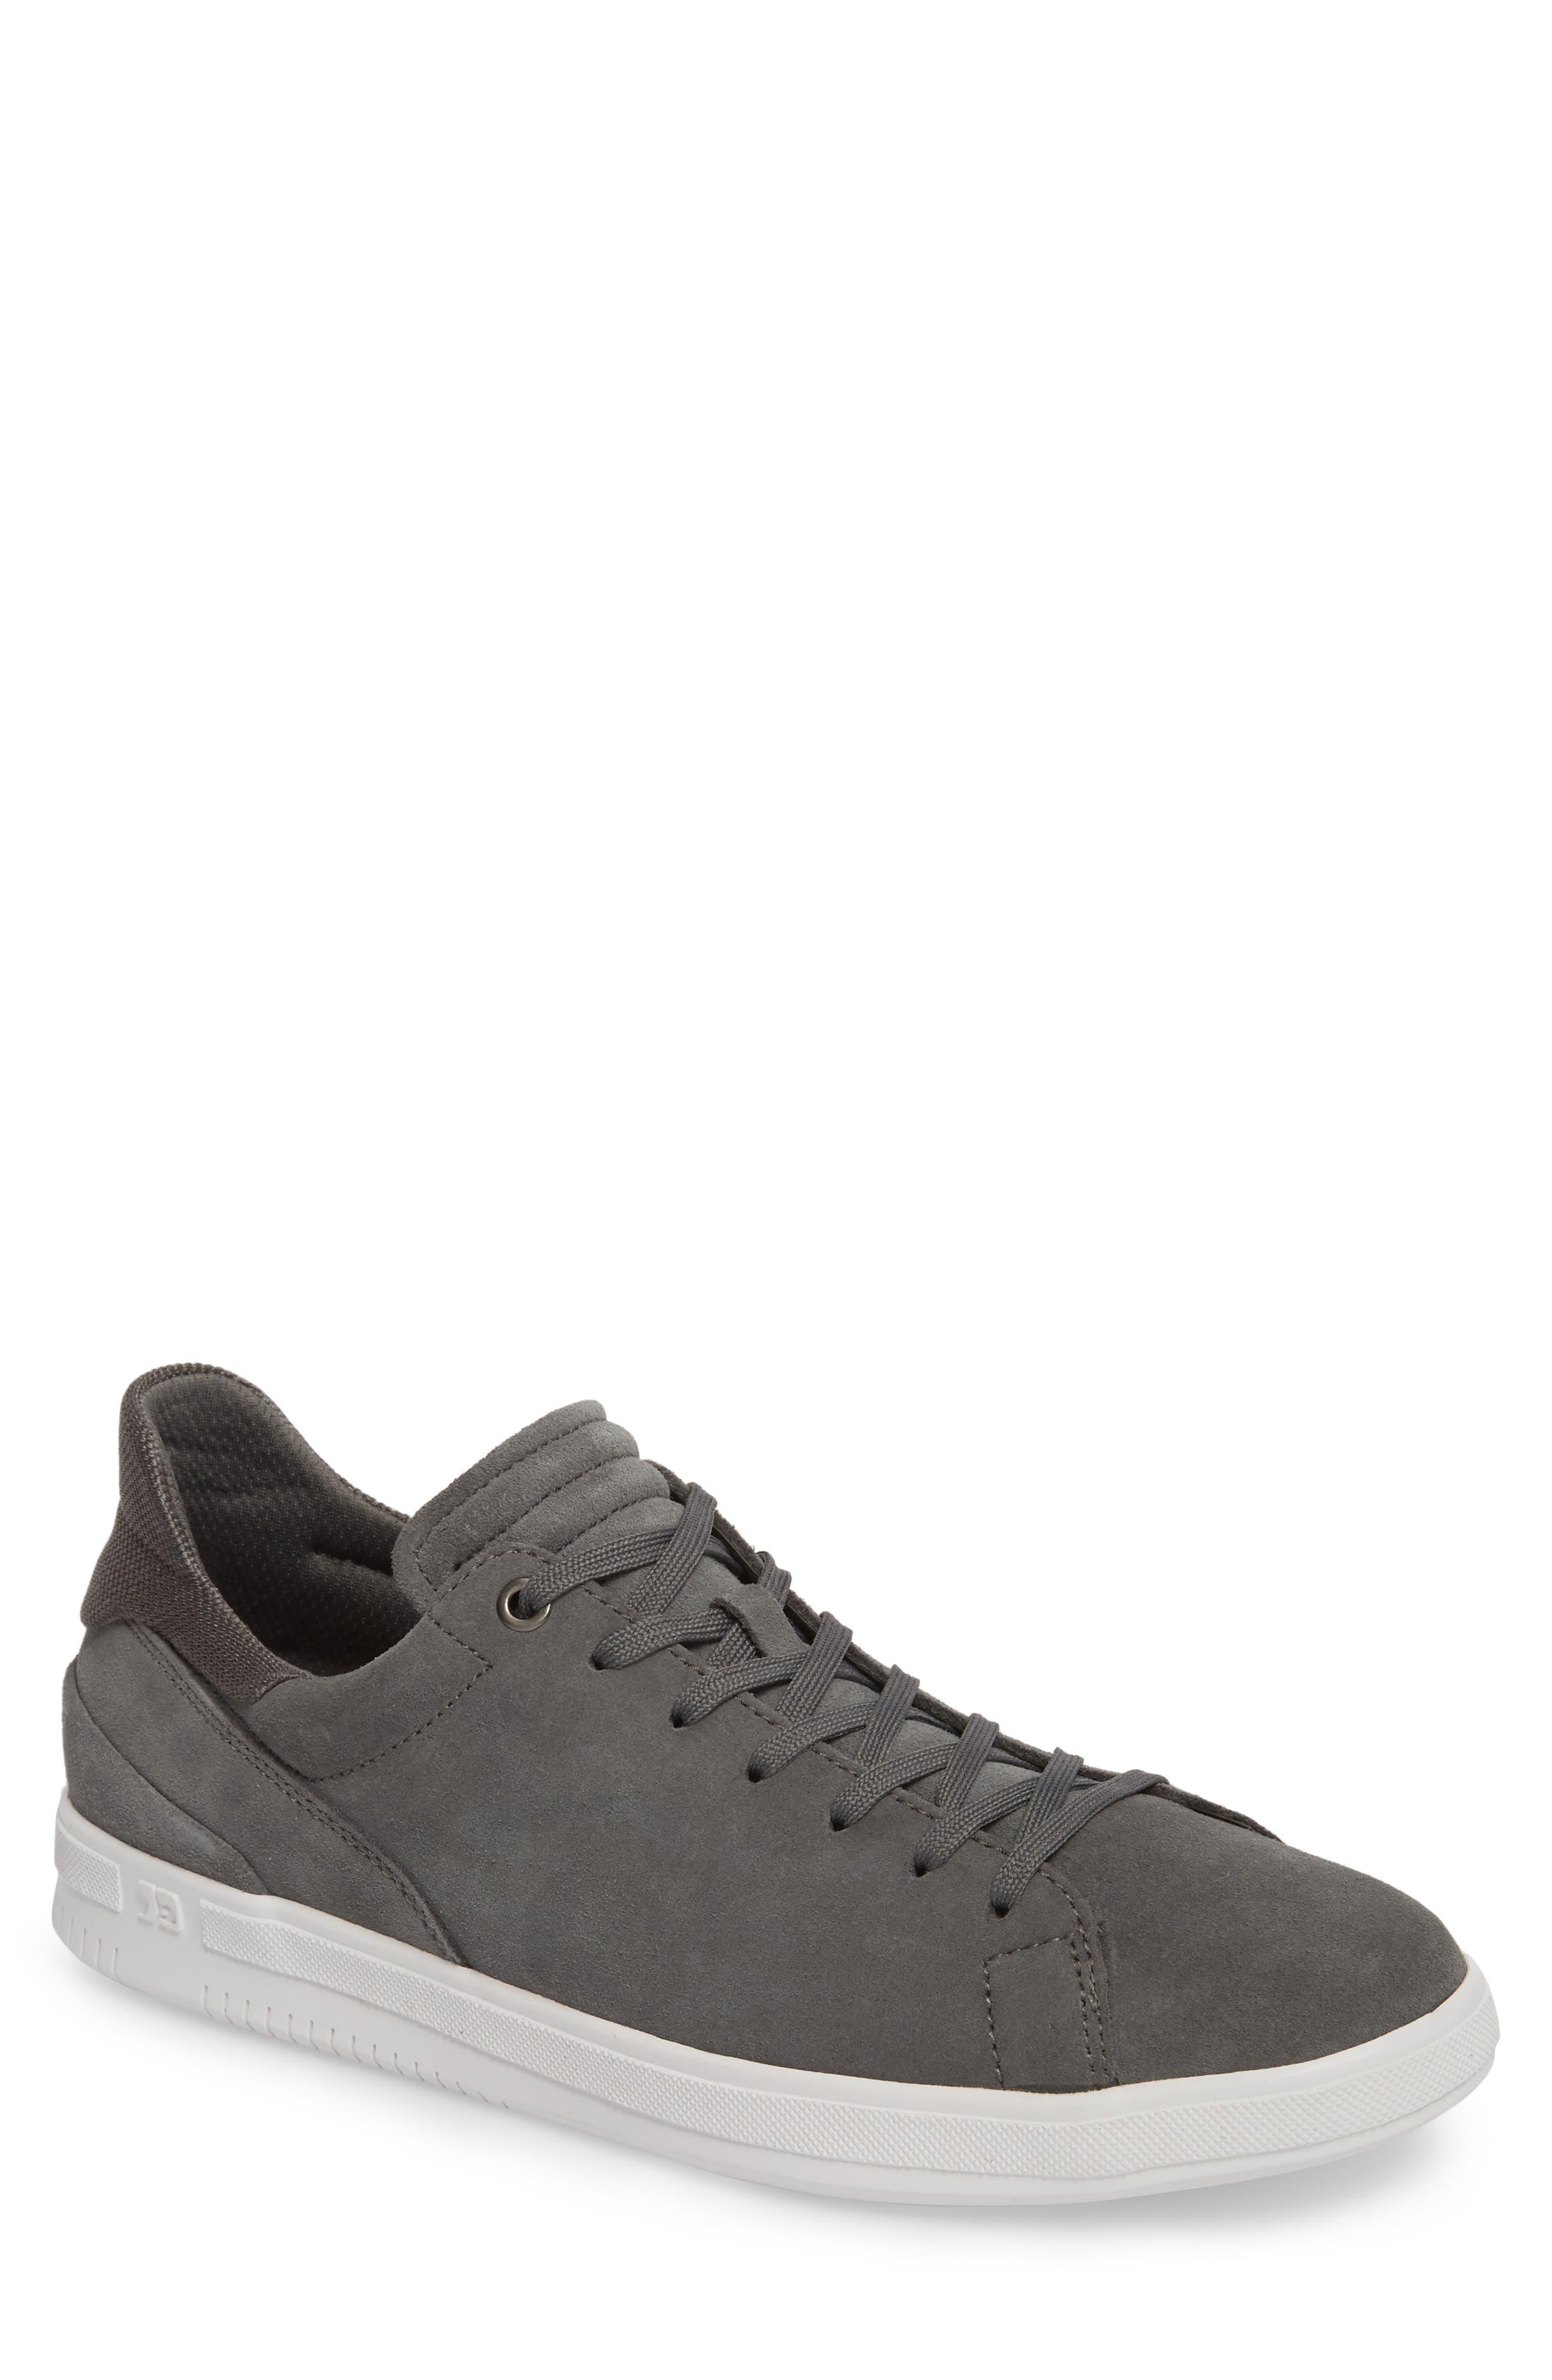 Joe Mama Low Top Sneaker,                             Main thumbnail 1, color,                             Grey Suede